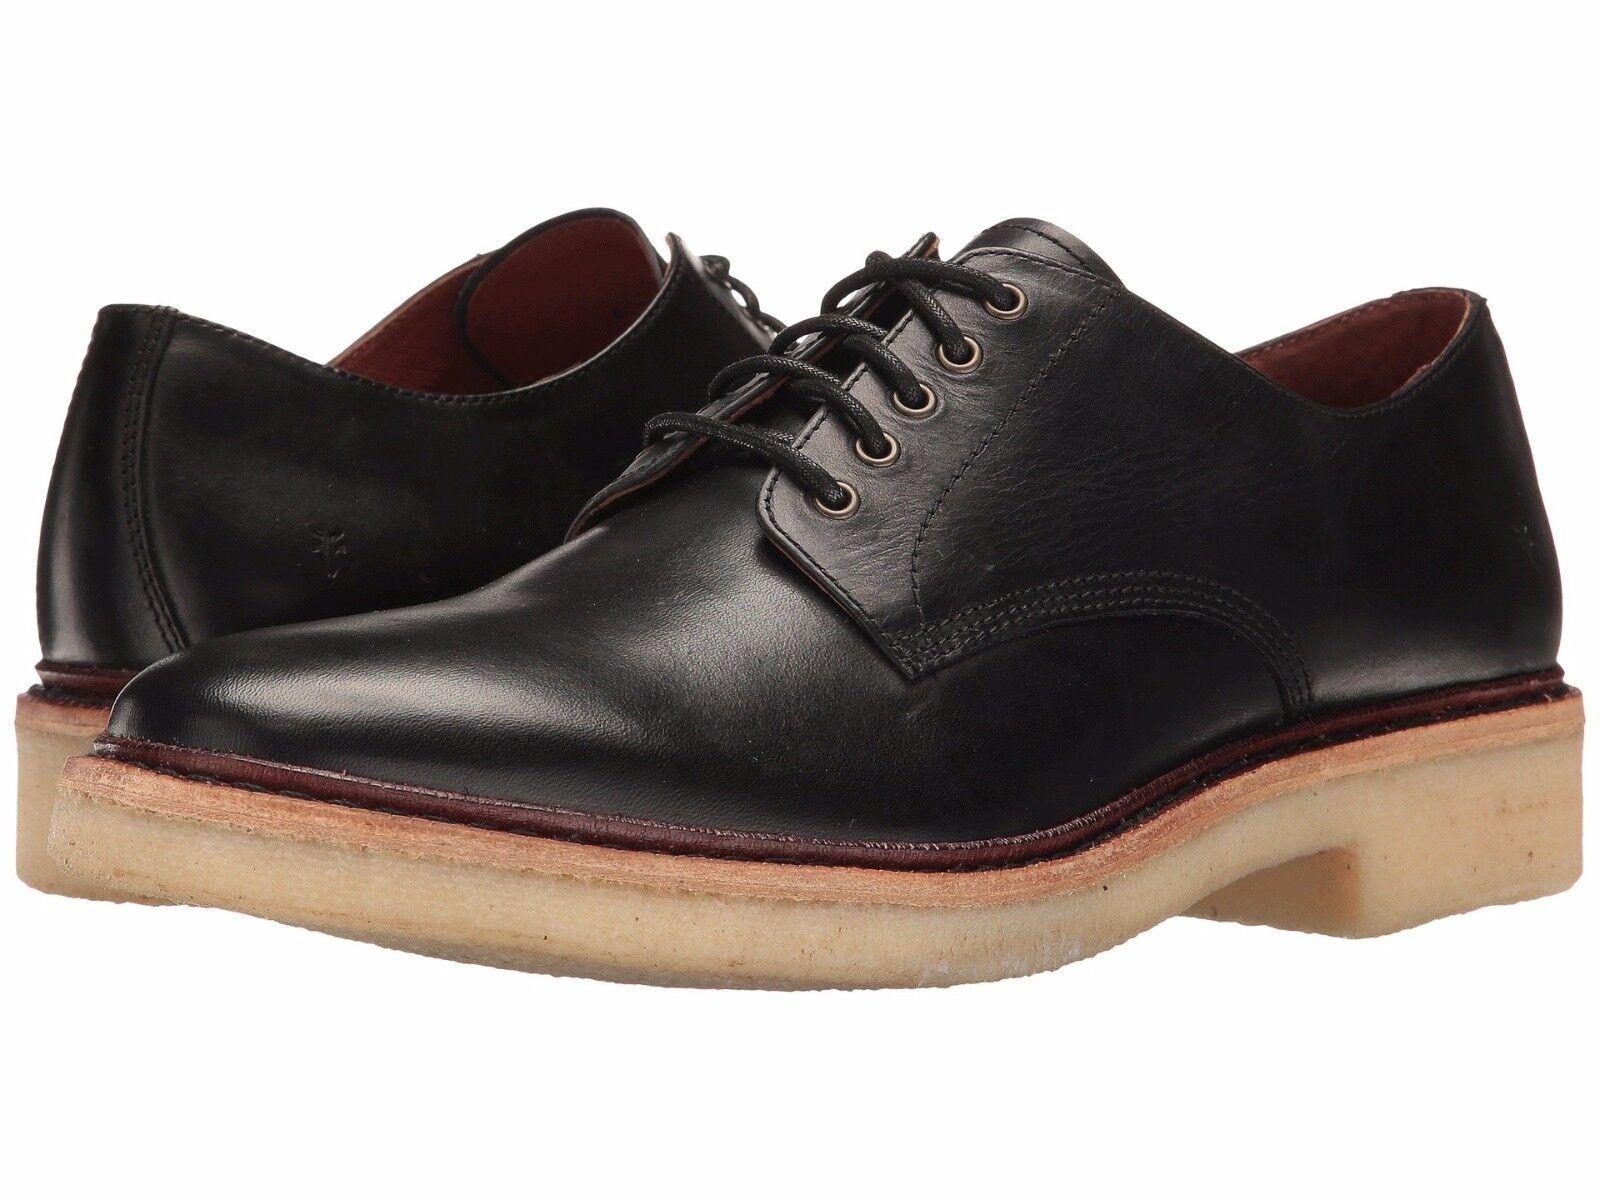 Frye para hombres zapatos oxfords Luke Cuero Negro 12 Nuevo En Caja